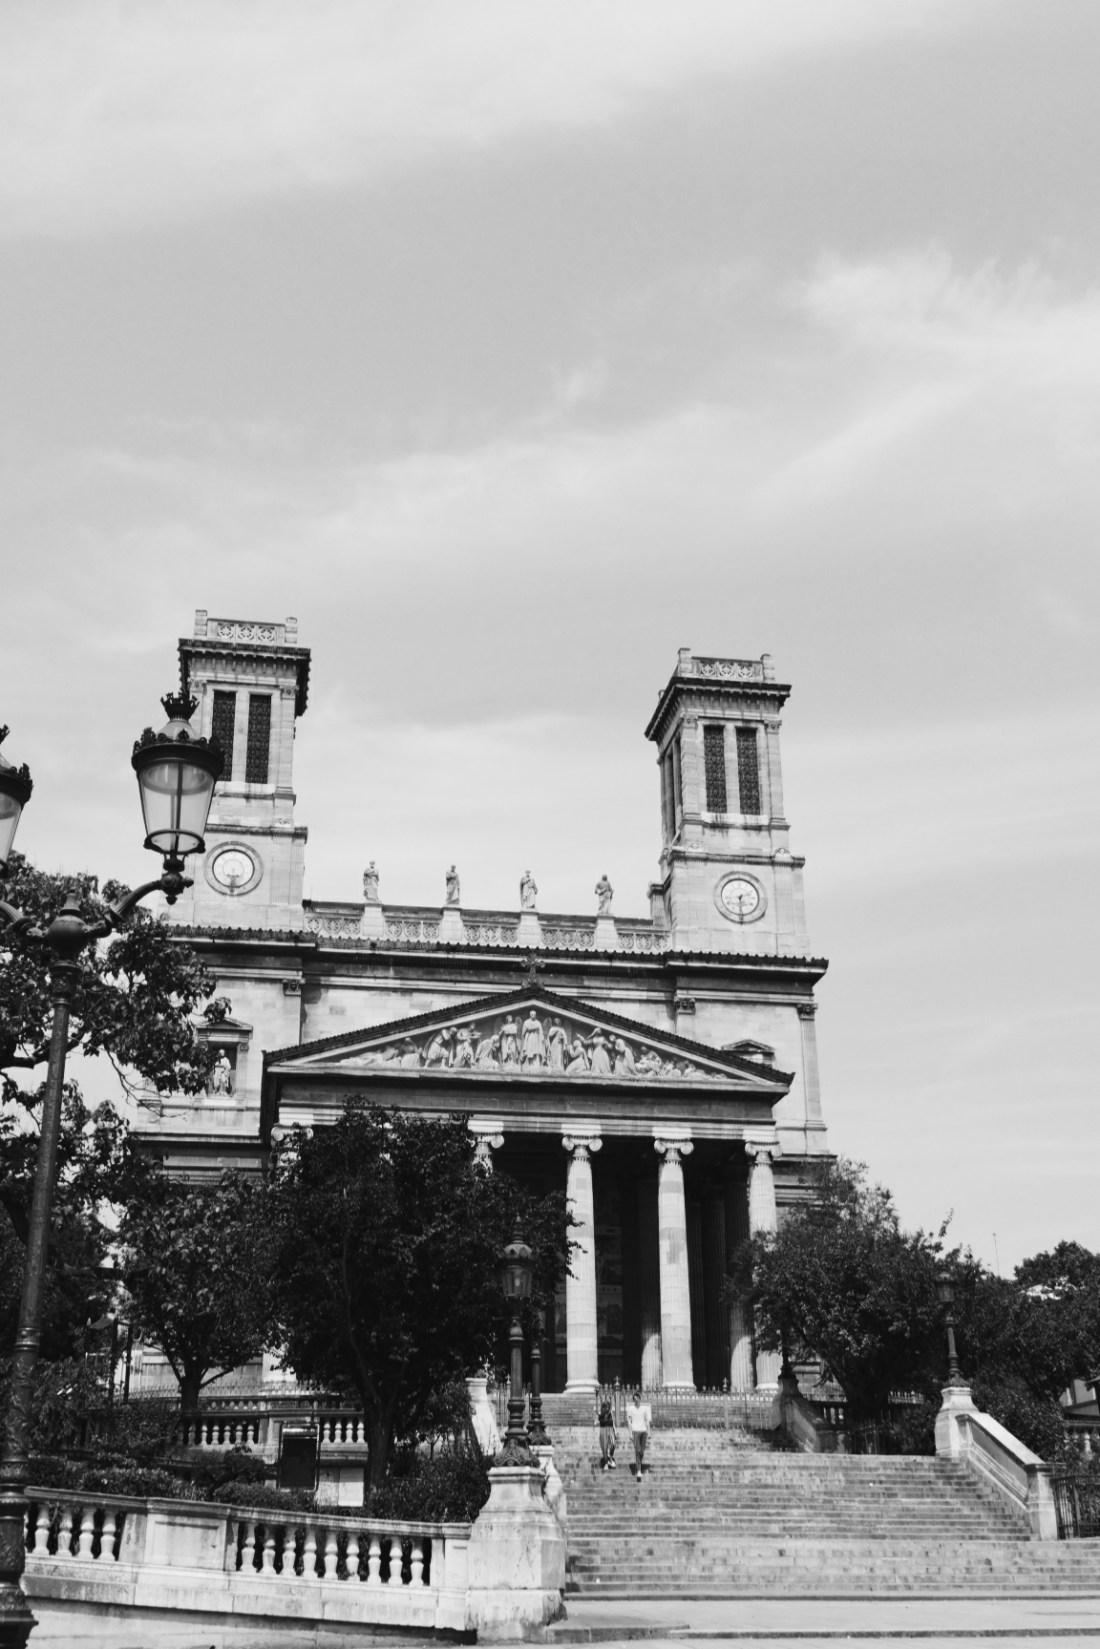 paris 2015 black and white